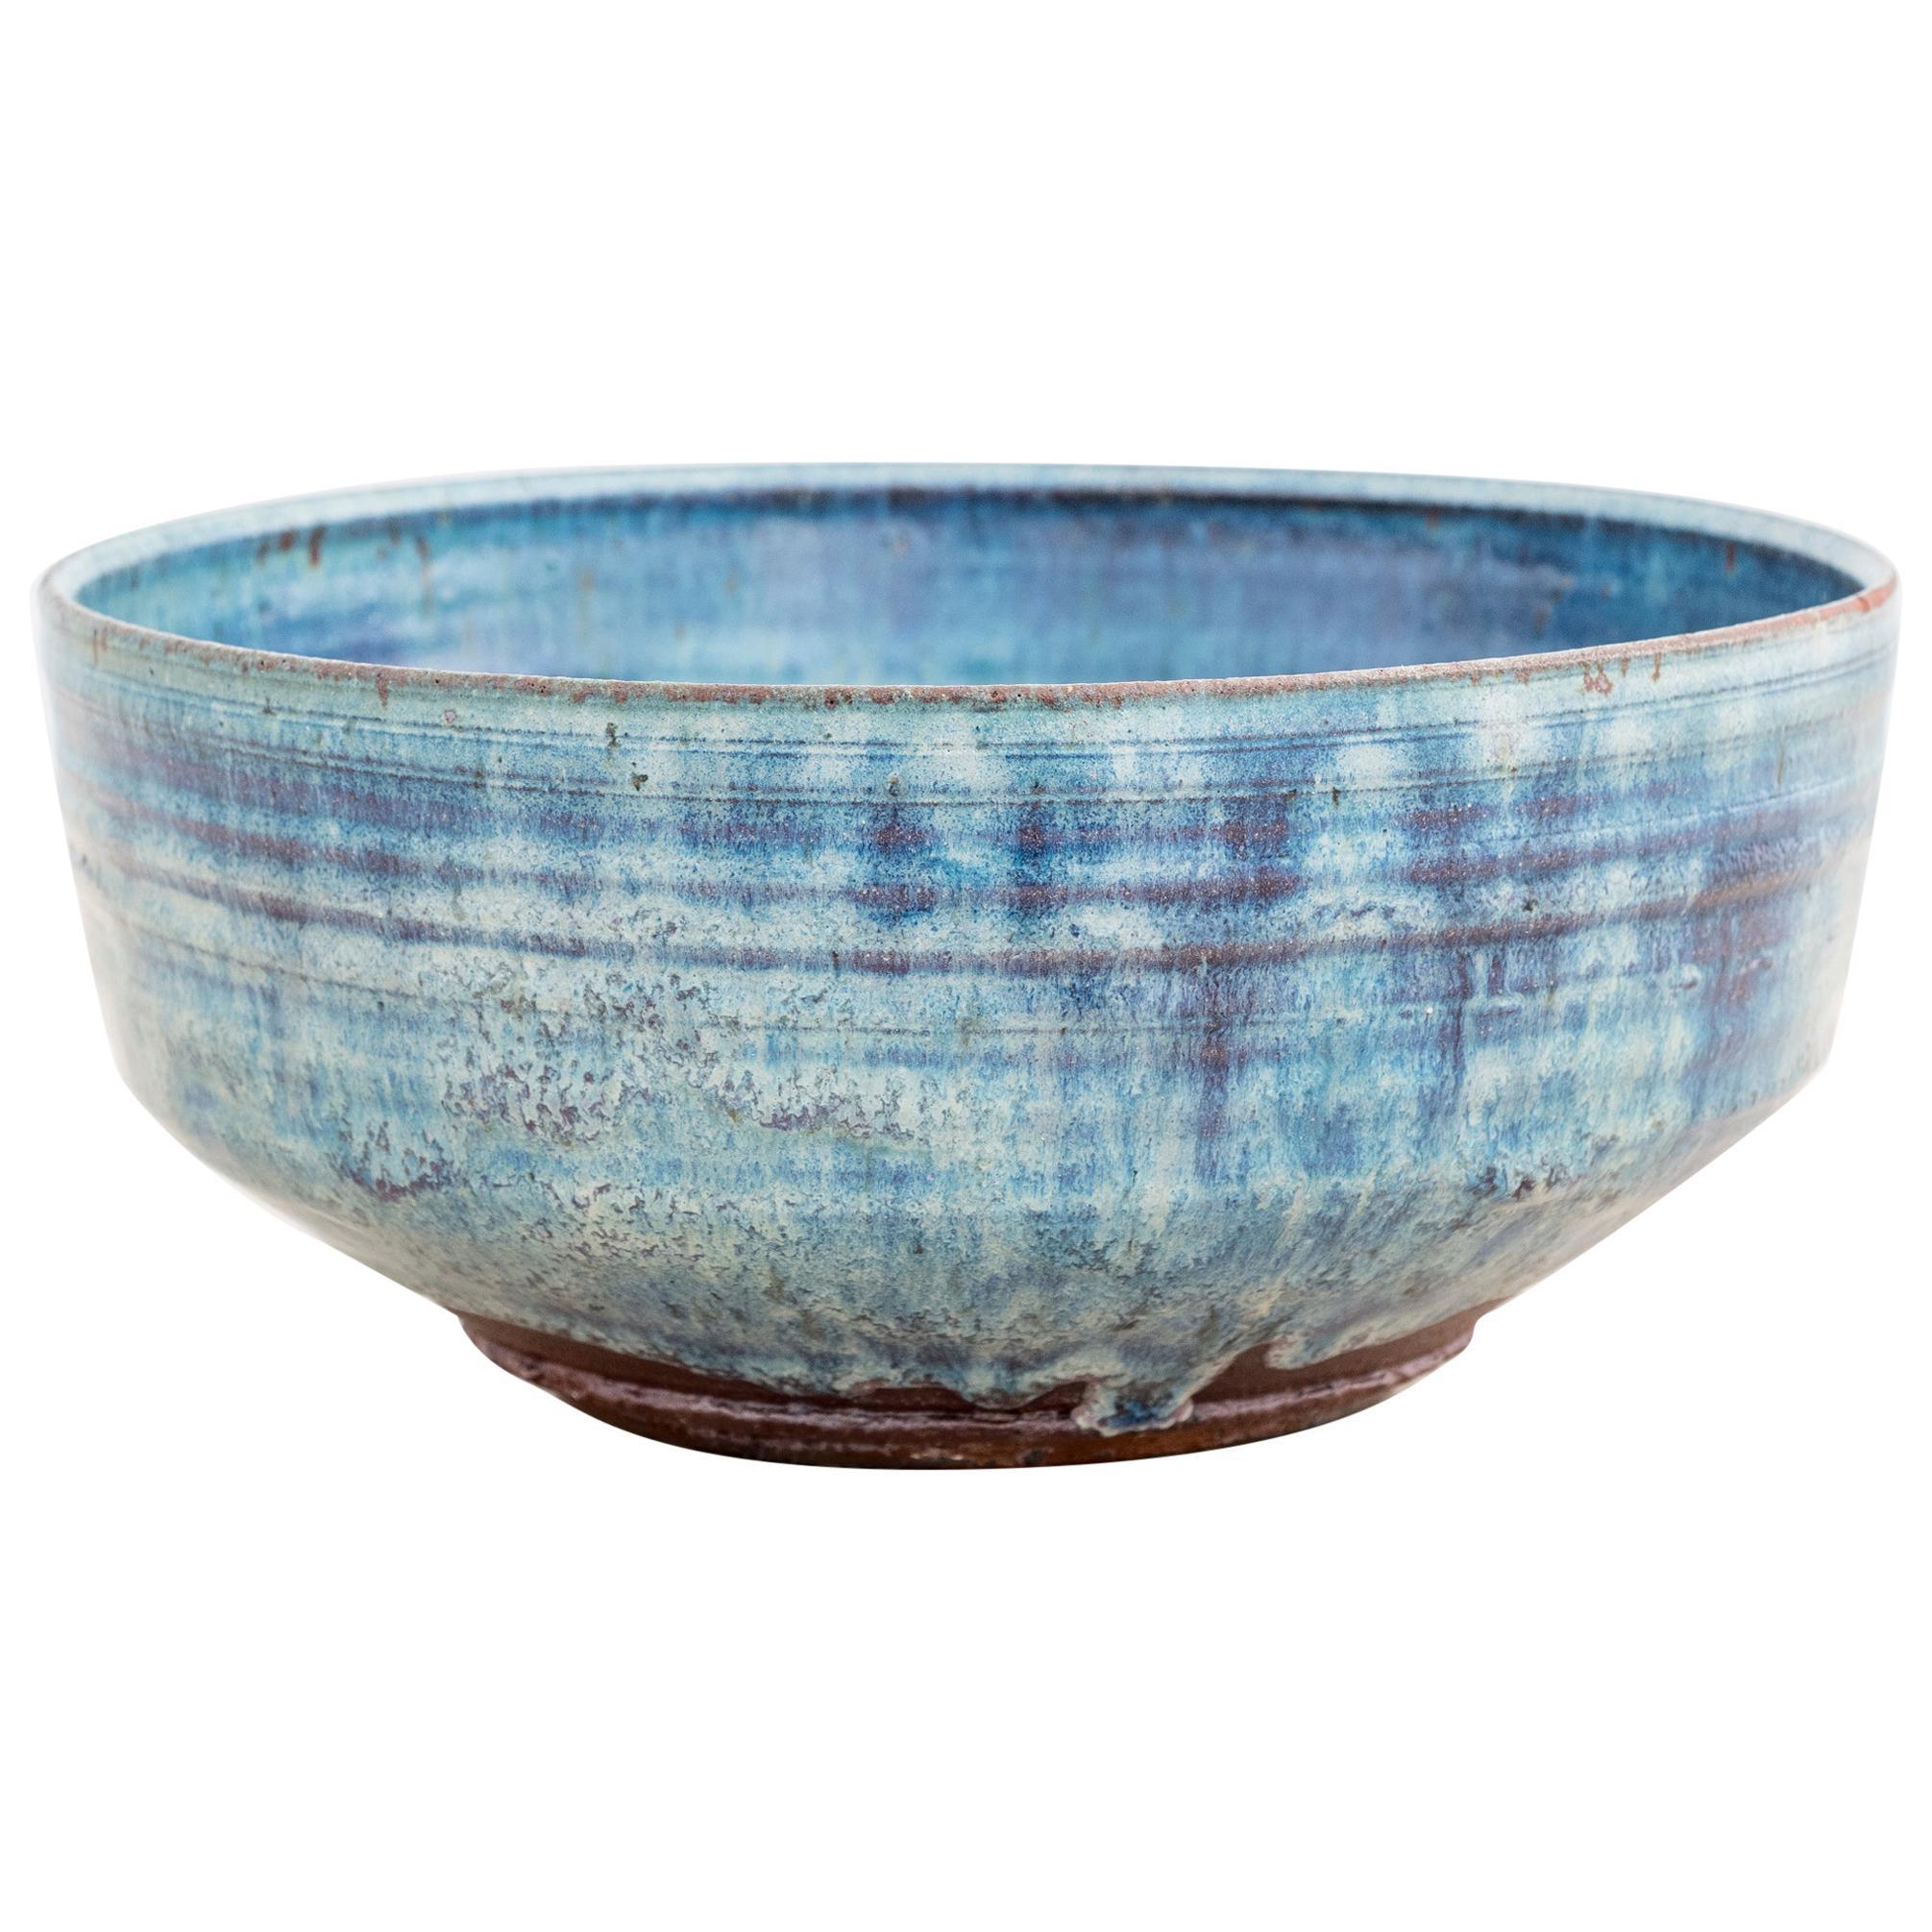 Blue Stoneware Bowl by Gutte Eriksen